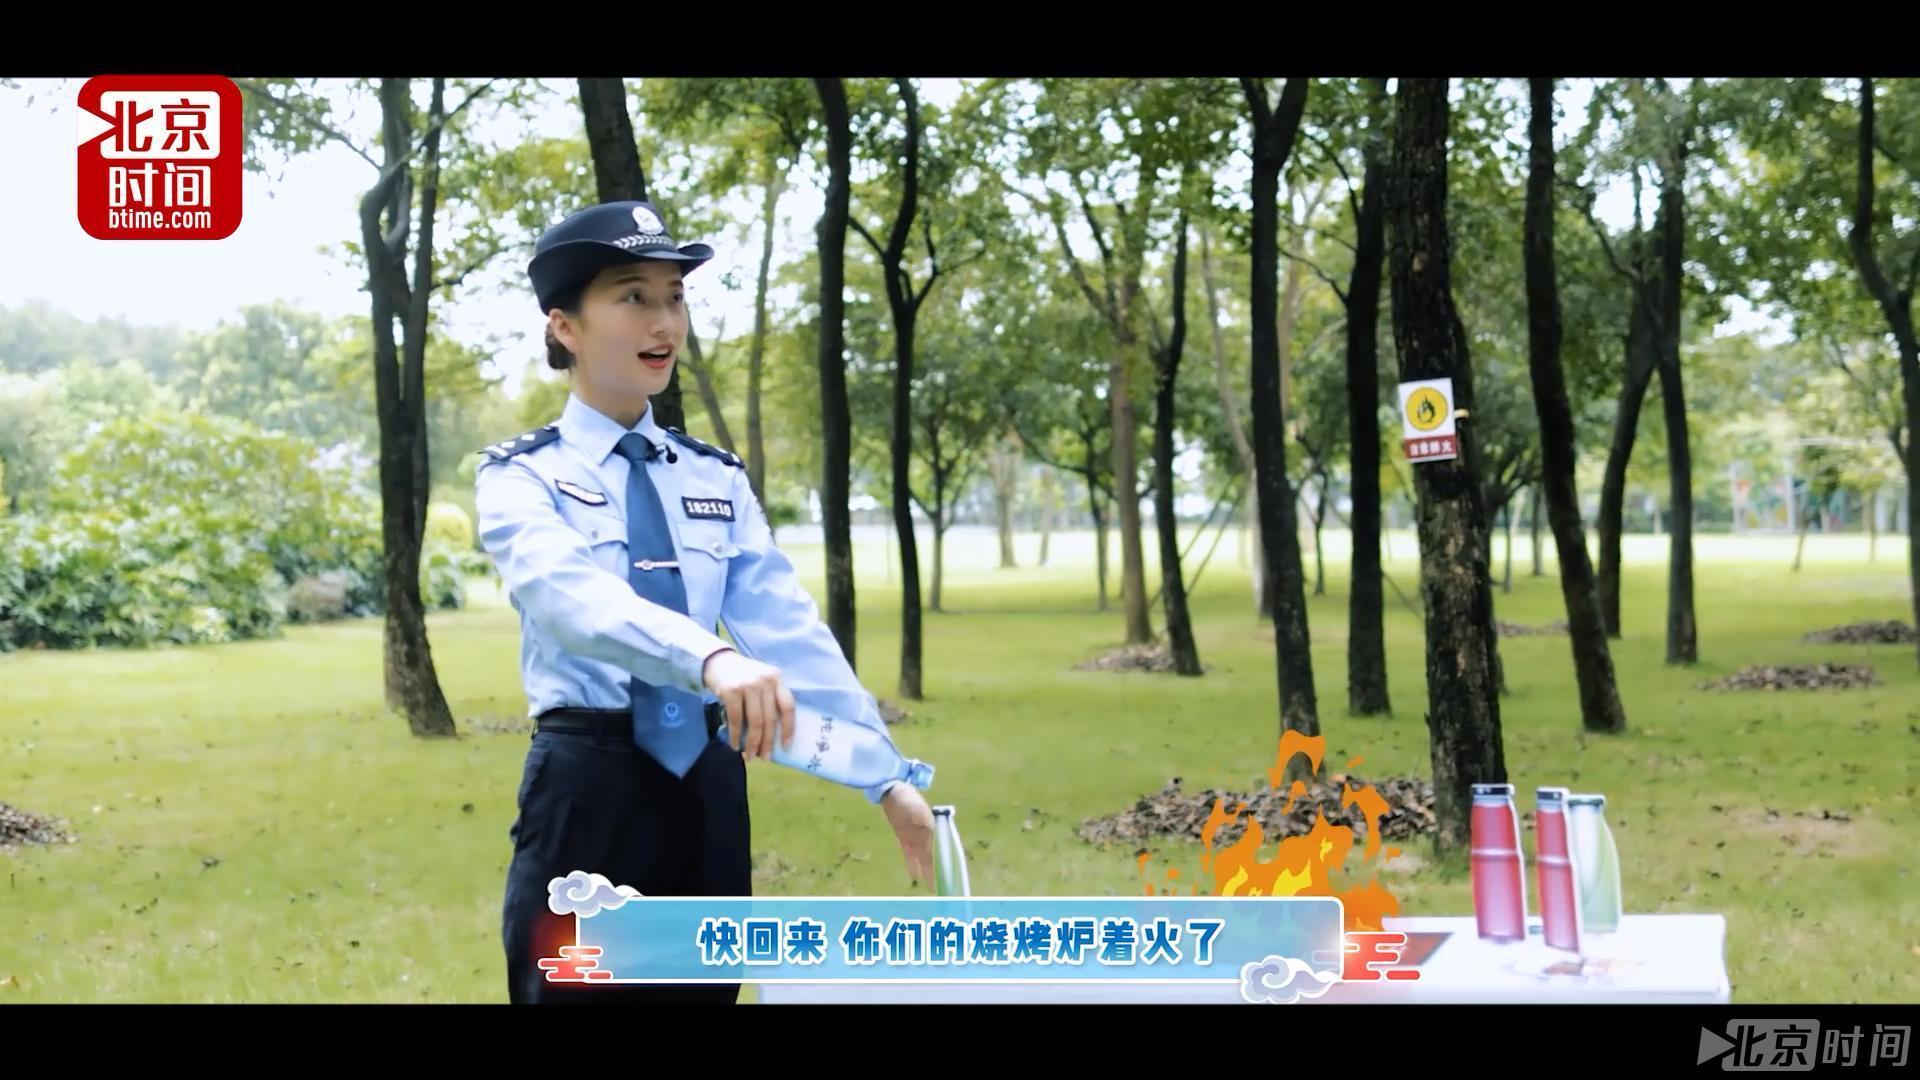 养眼又实用!美女警官倾情演绎国庆假期安全防